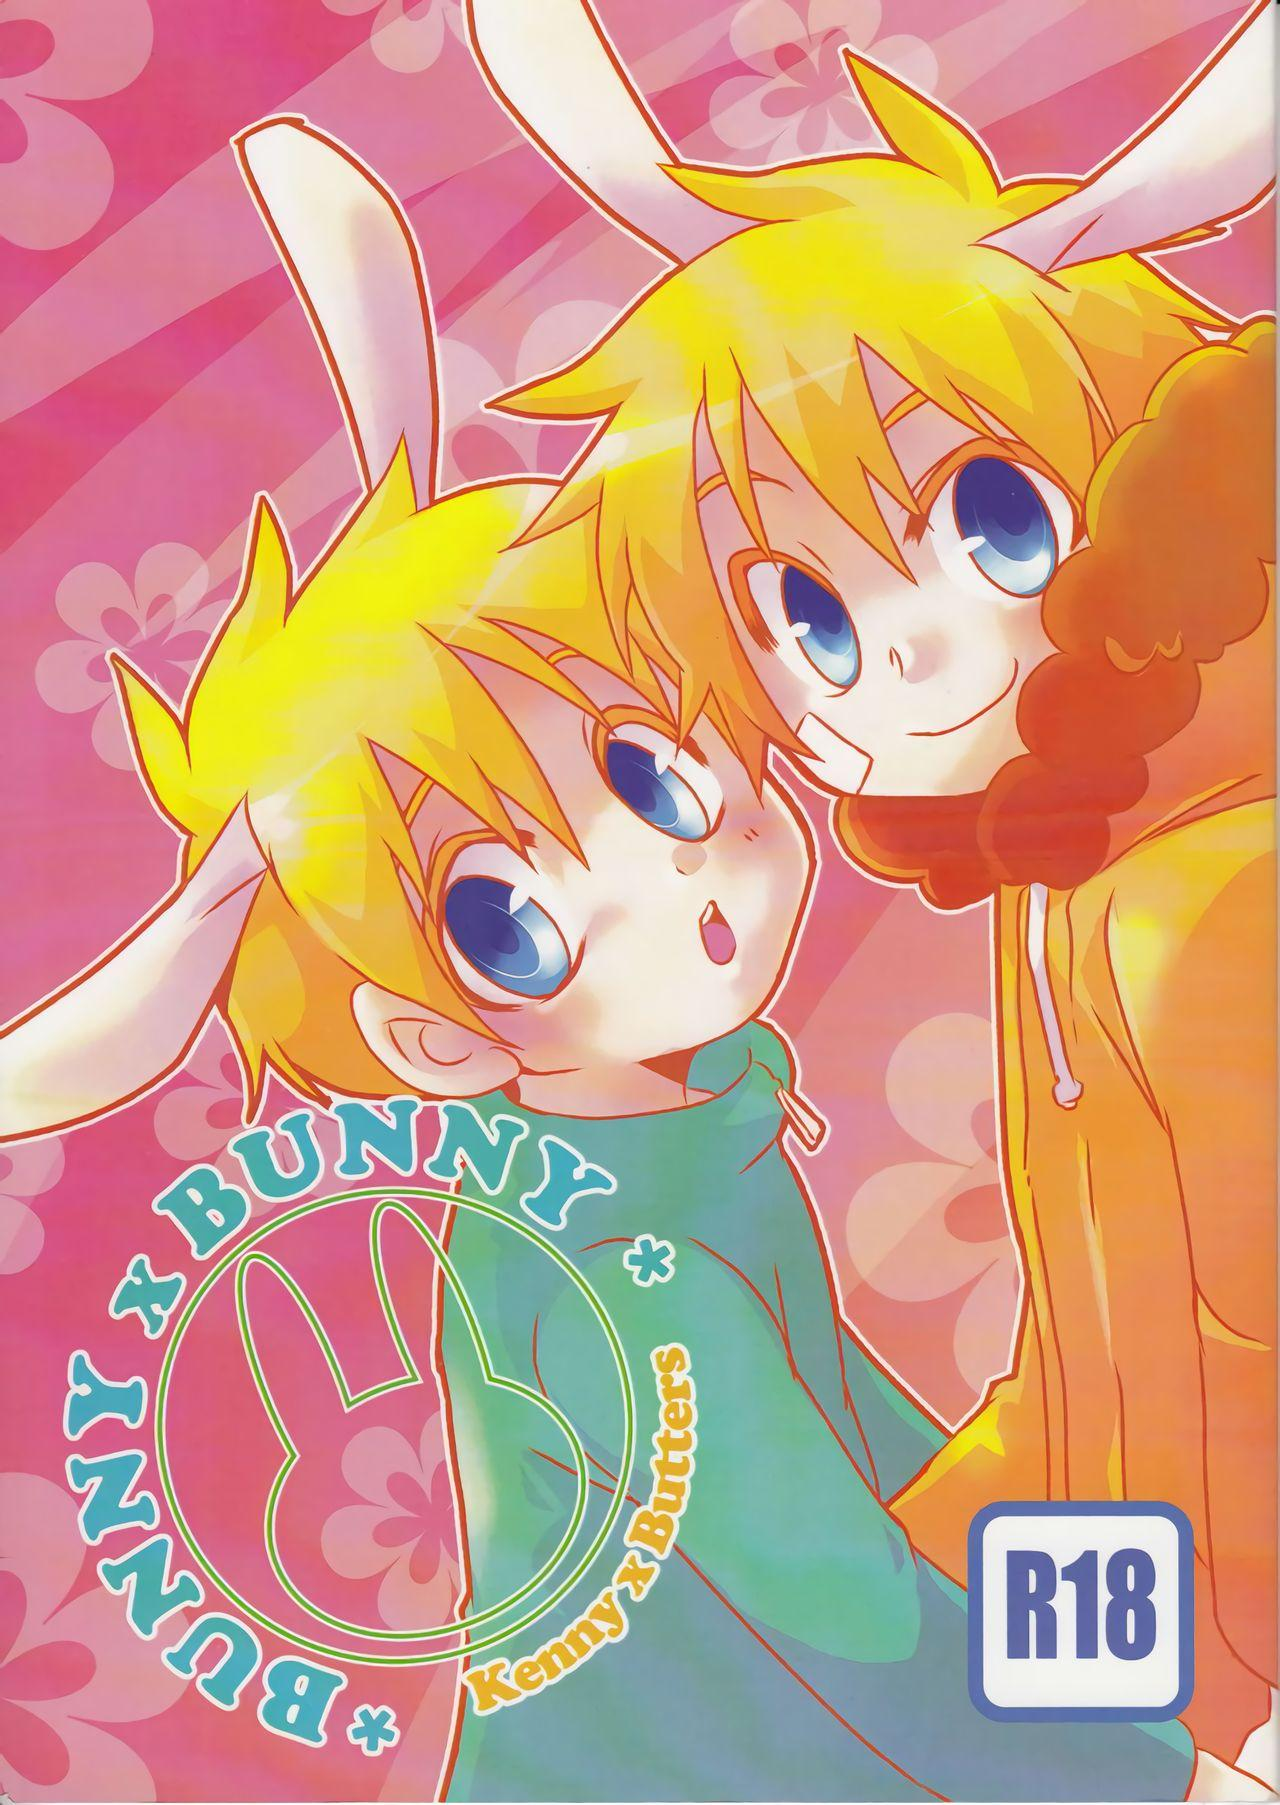 Bunny x Bunny 0